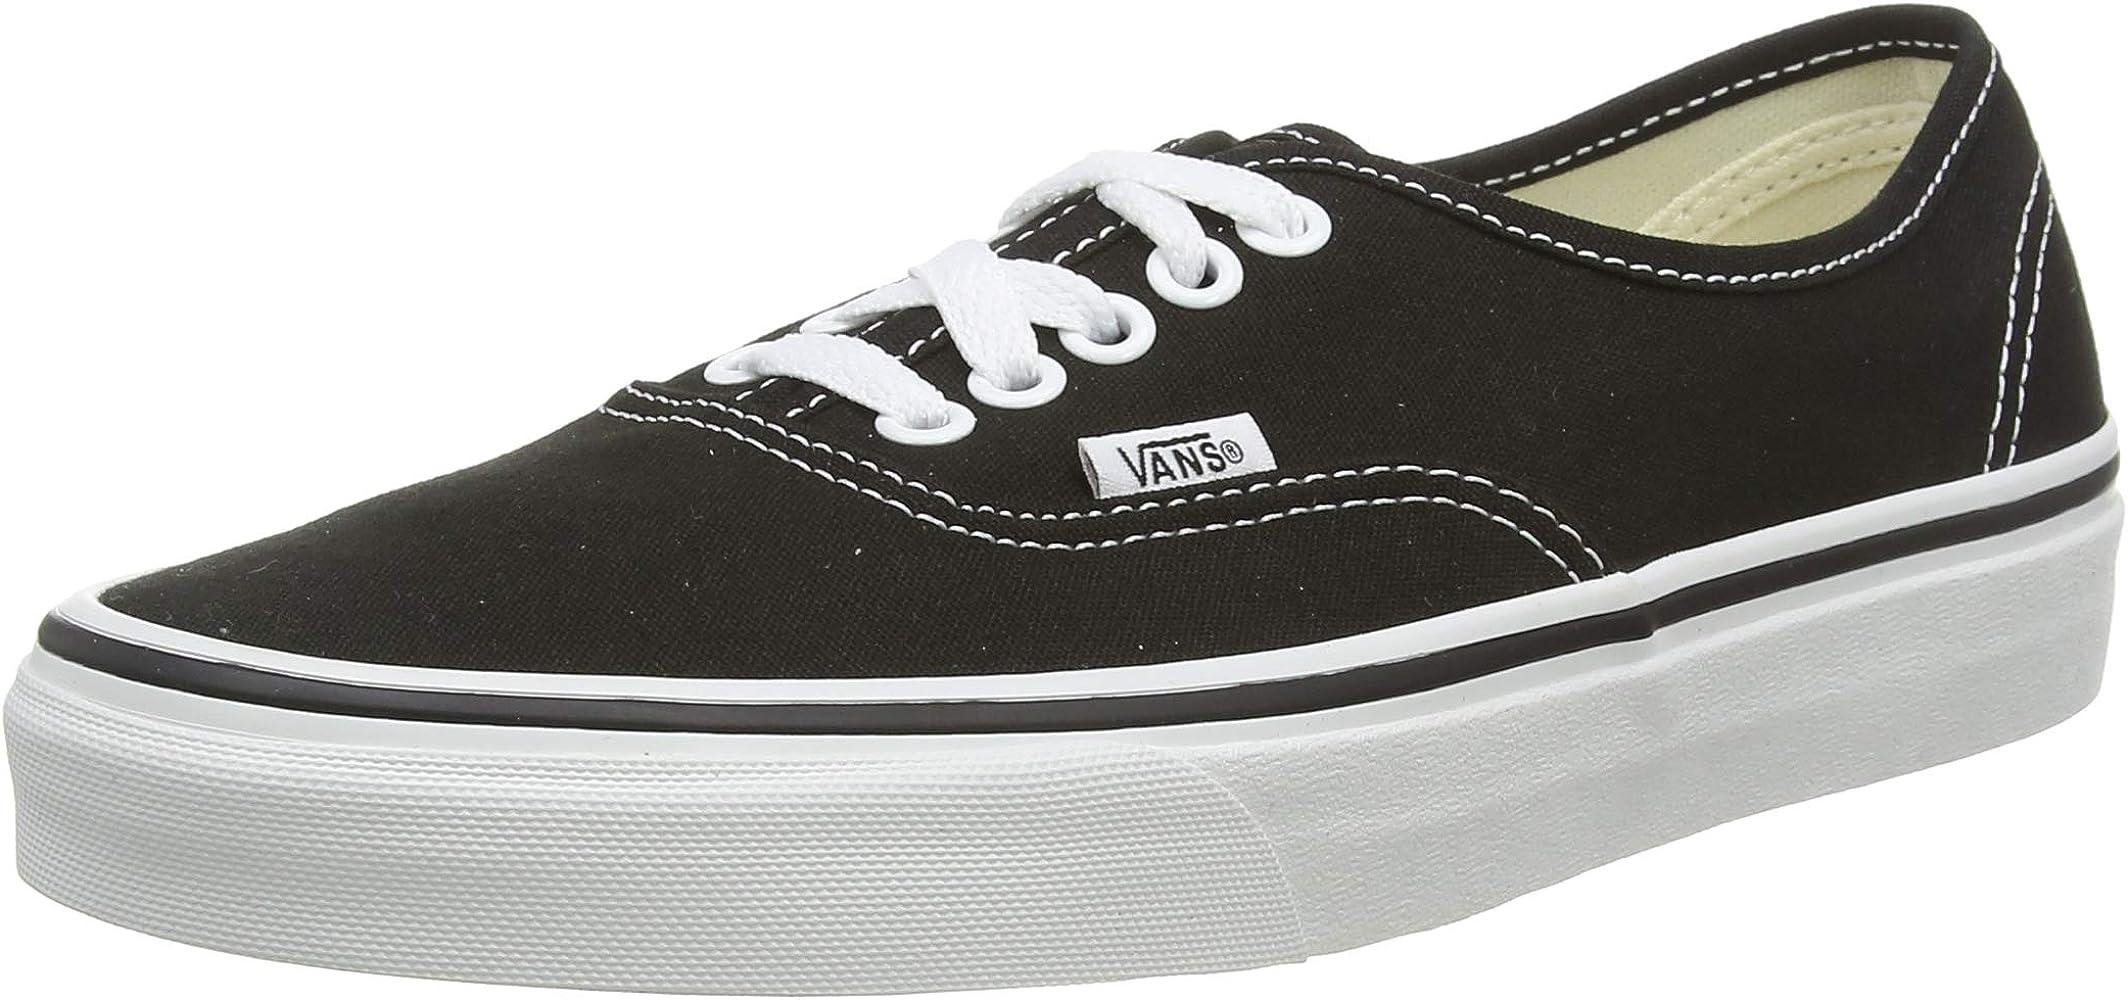 Authentic Pro Skate Shoe Black Suede